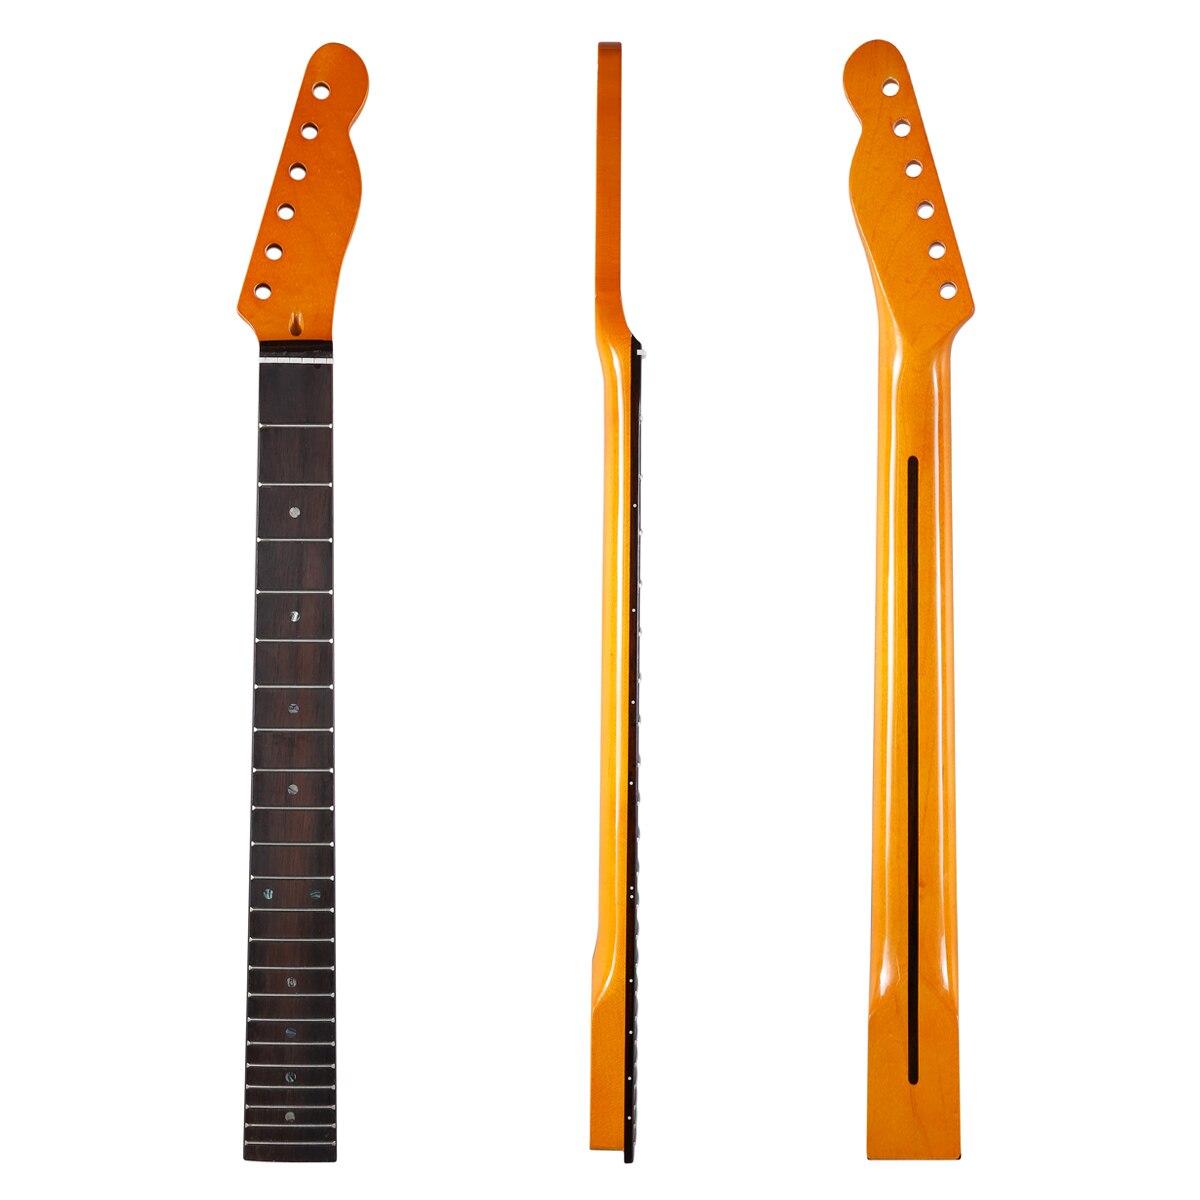 KAISH 22 frette manche de guitare télé érable canadien avec touche en palissandre incrustation d'ormeau et écrou d'os pour Telecaster